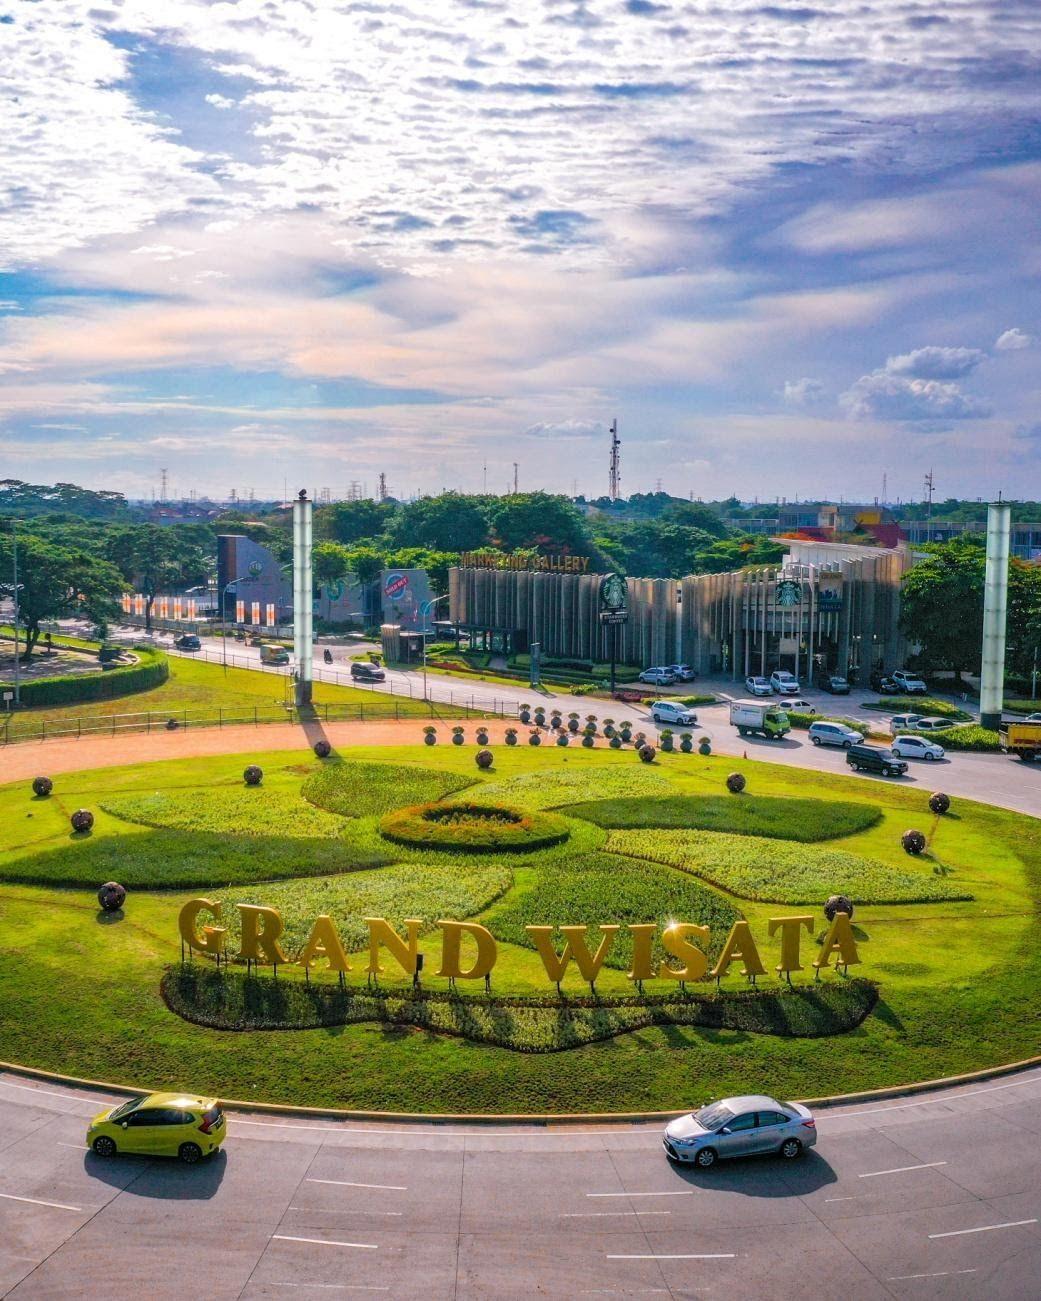 Perumahan Grand Wisata Bekasi.